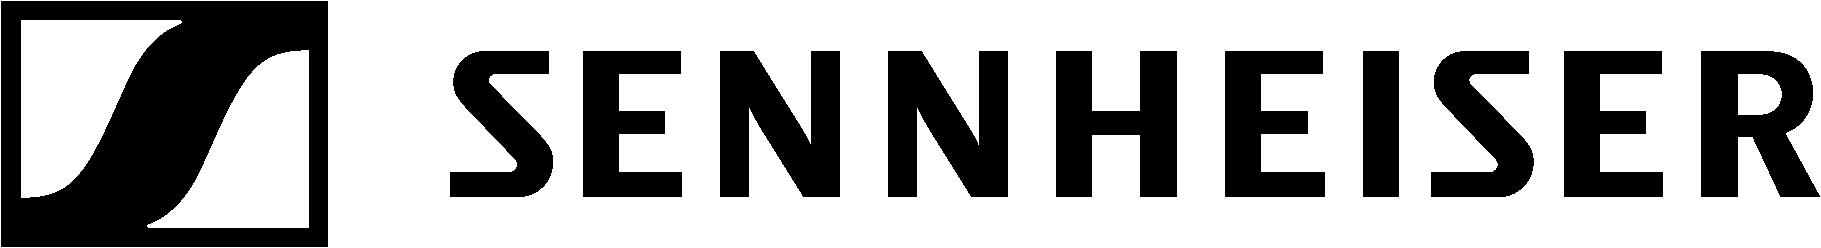 sennheiser-png-2017-present-sennheiser-2017-1821.png